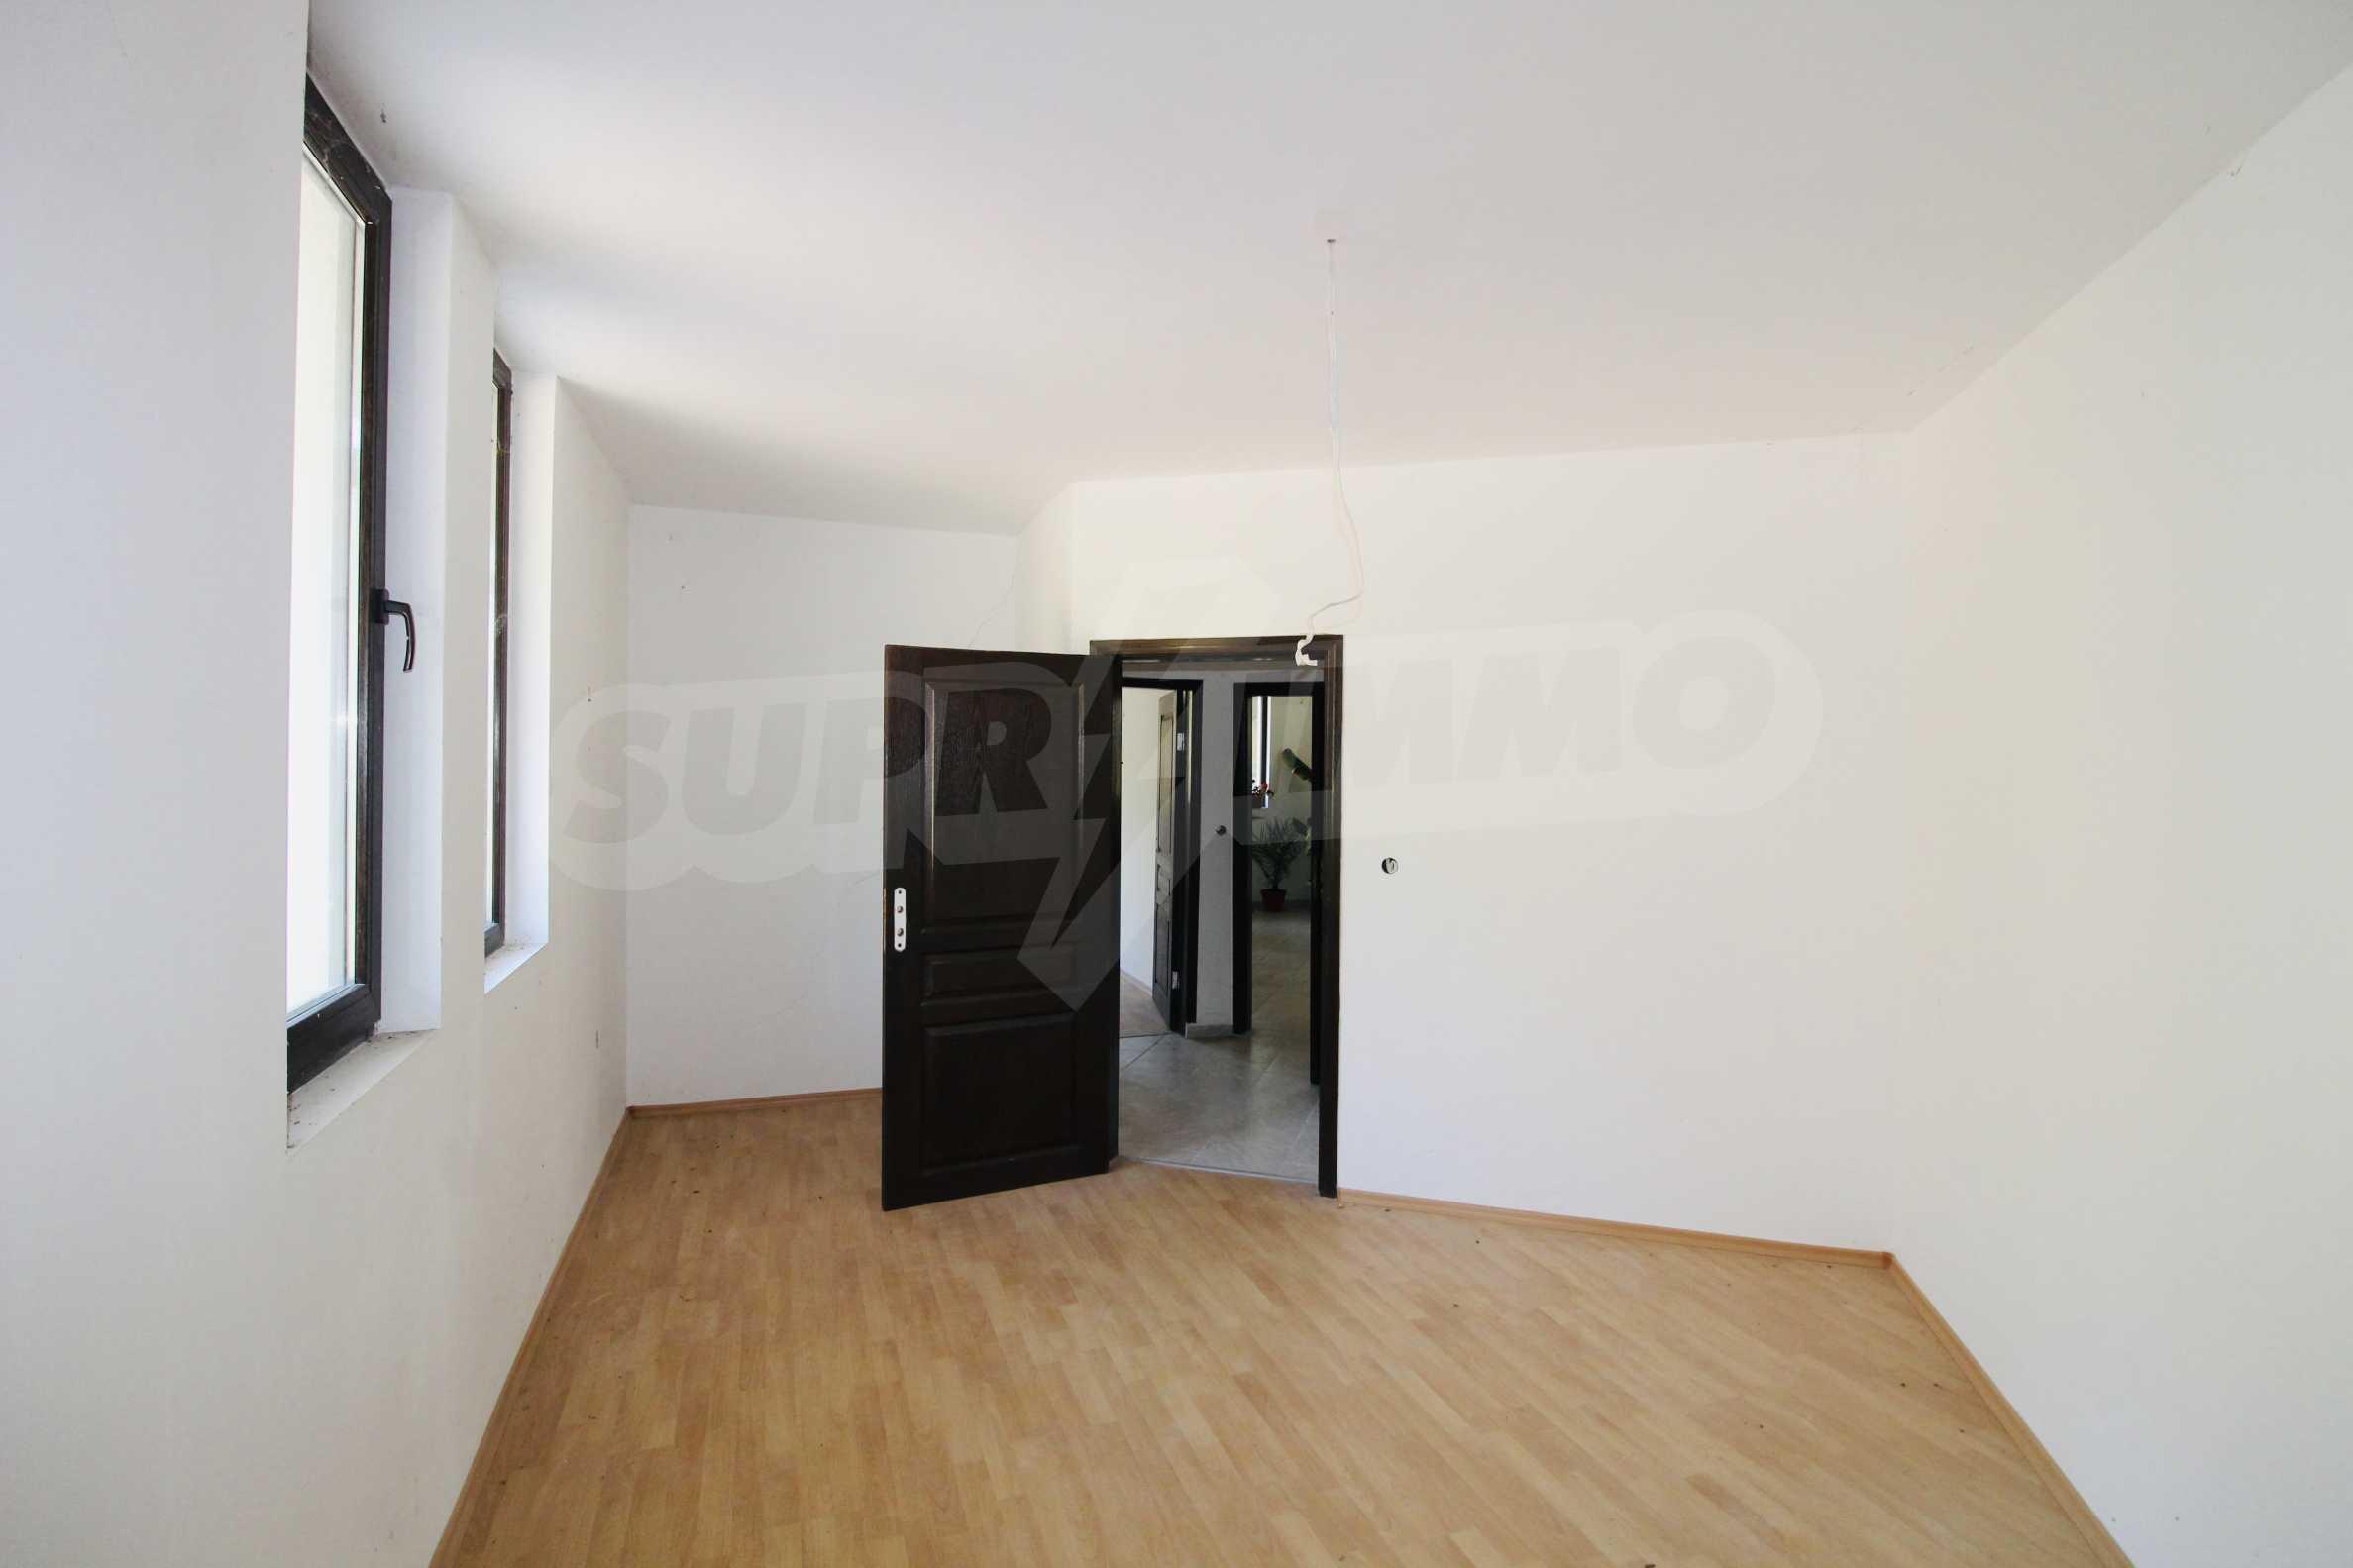 Zwei-Zimmer-Wohnung mit Parkplatz und Keller in der berühmten architektonischen Reserve Arbanassi 8